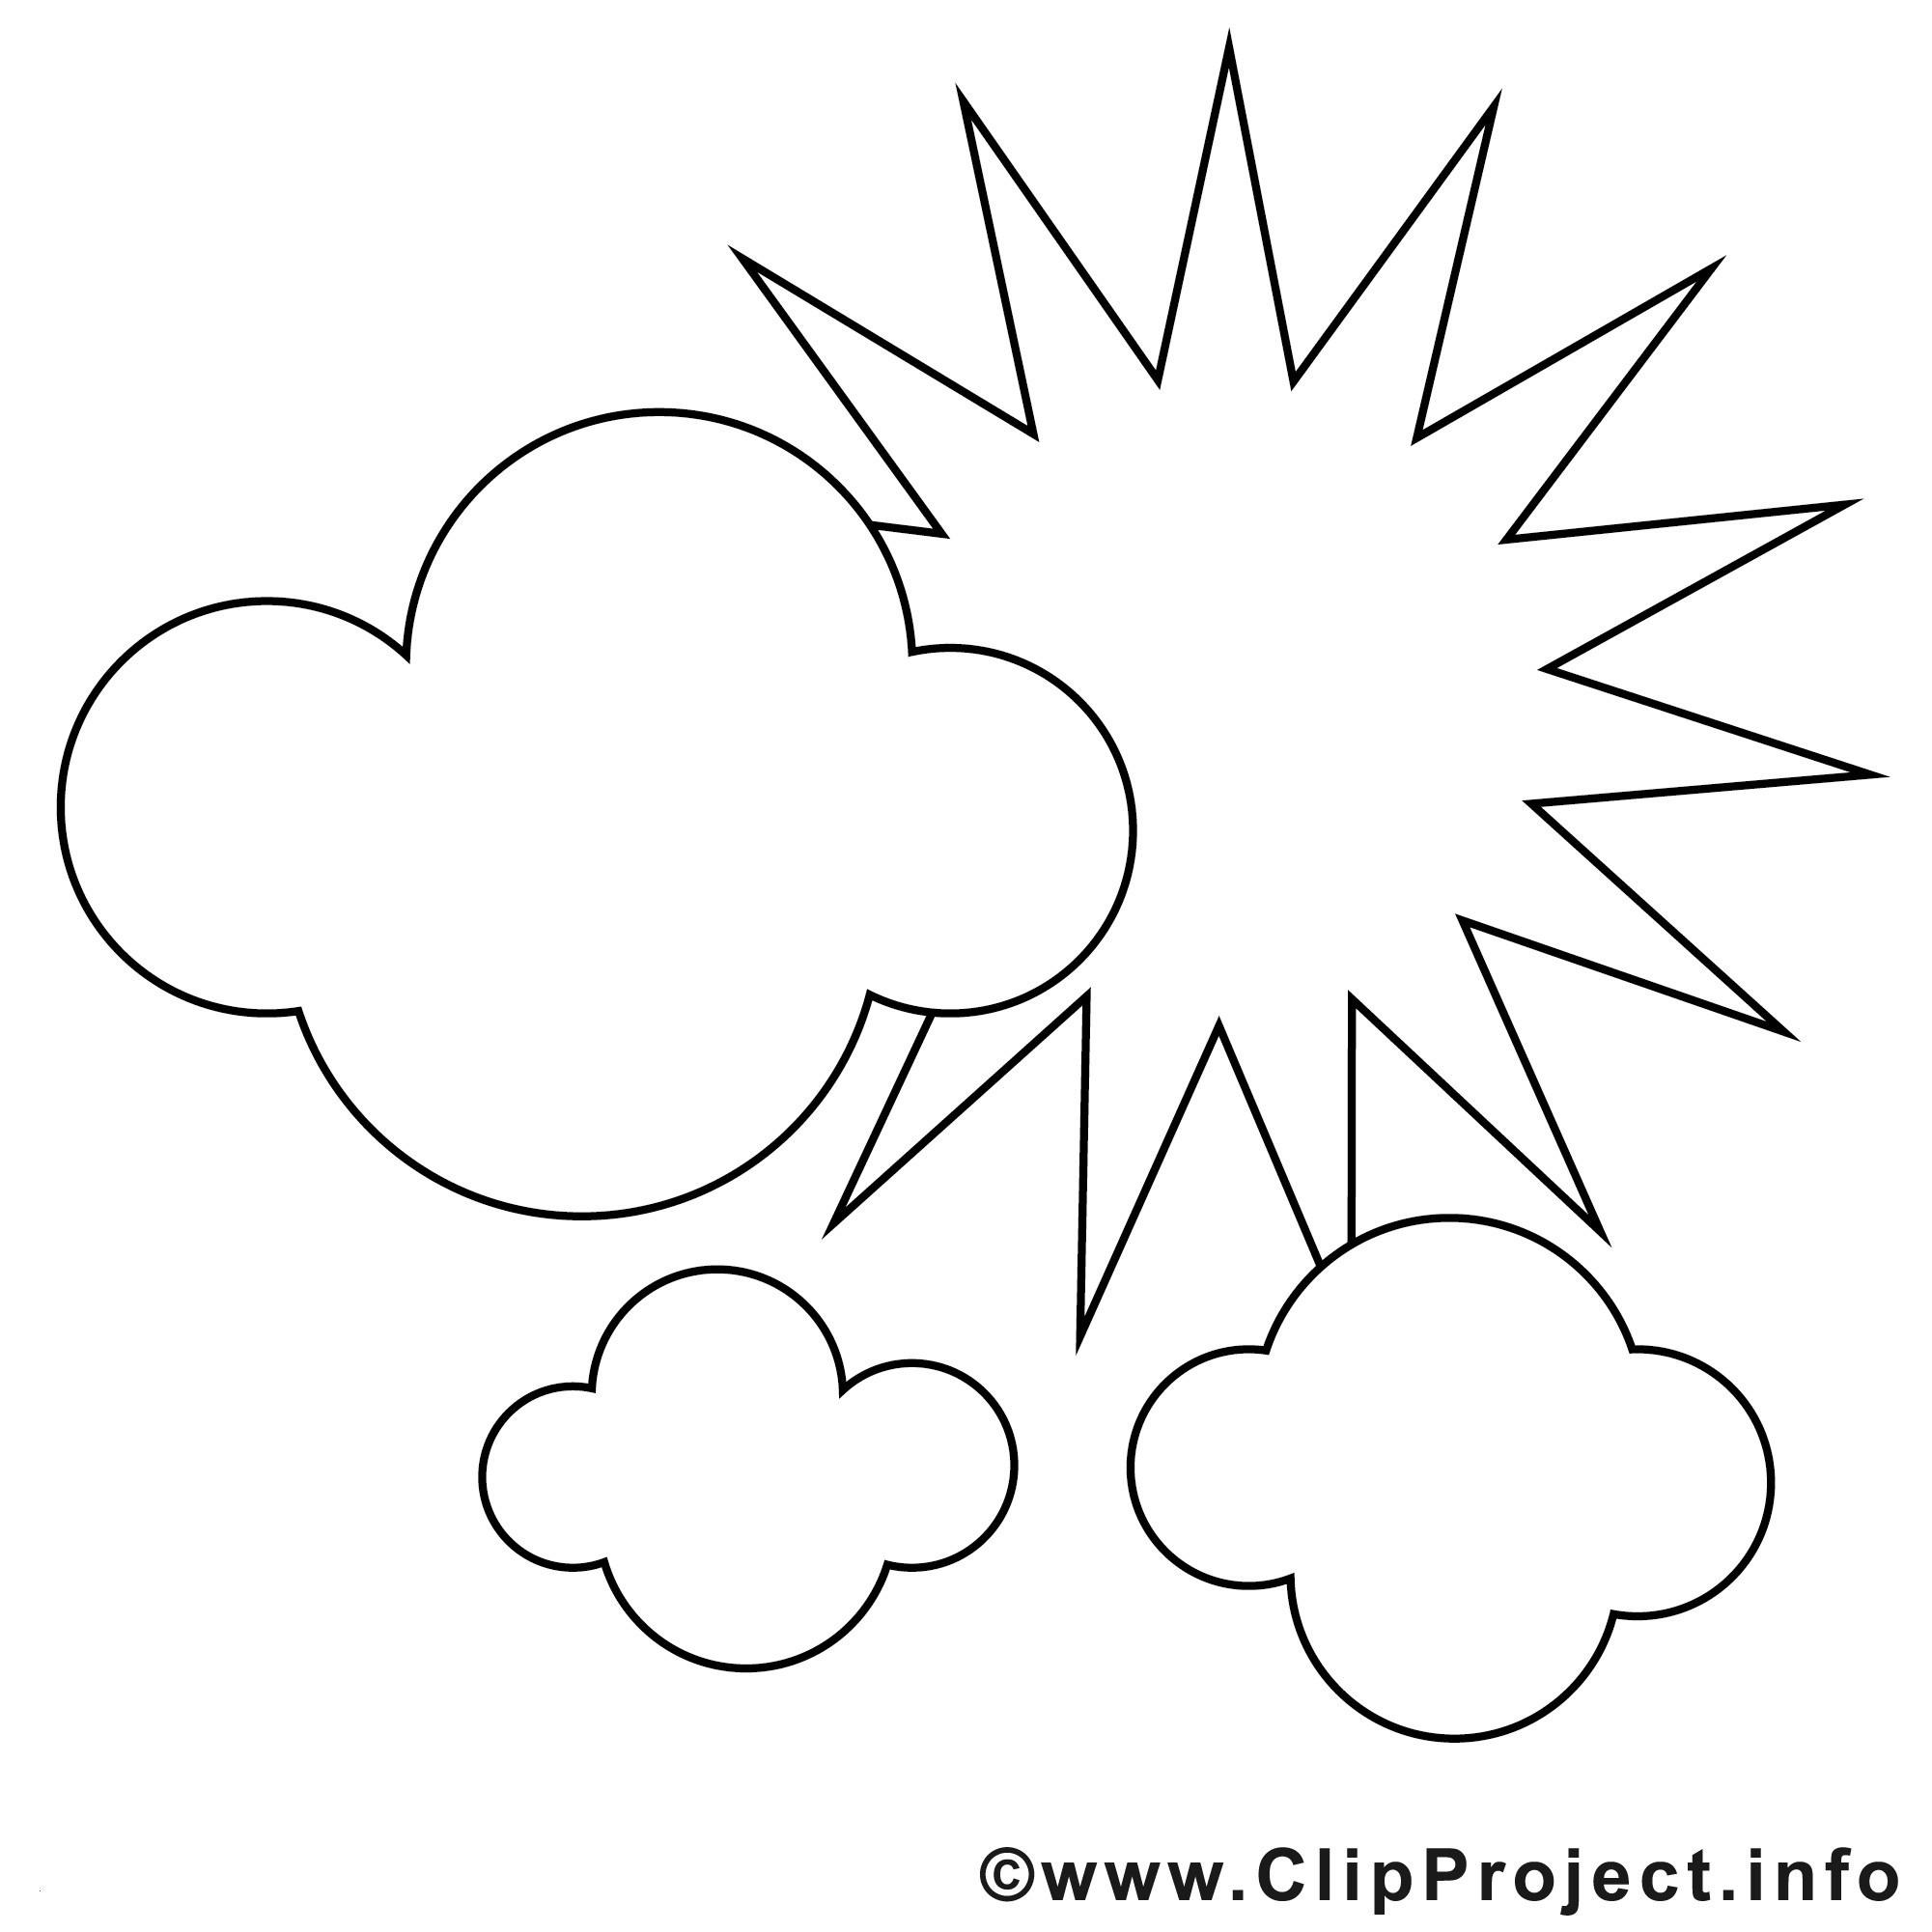 Wolke Zum Ausmalen Neu Ausmalbilder Wolke Beautiful 35 Ausmalbilder Wolken Scoredatscore Bild